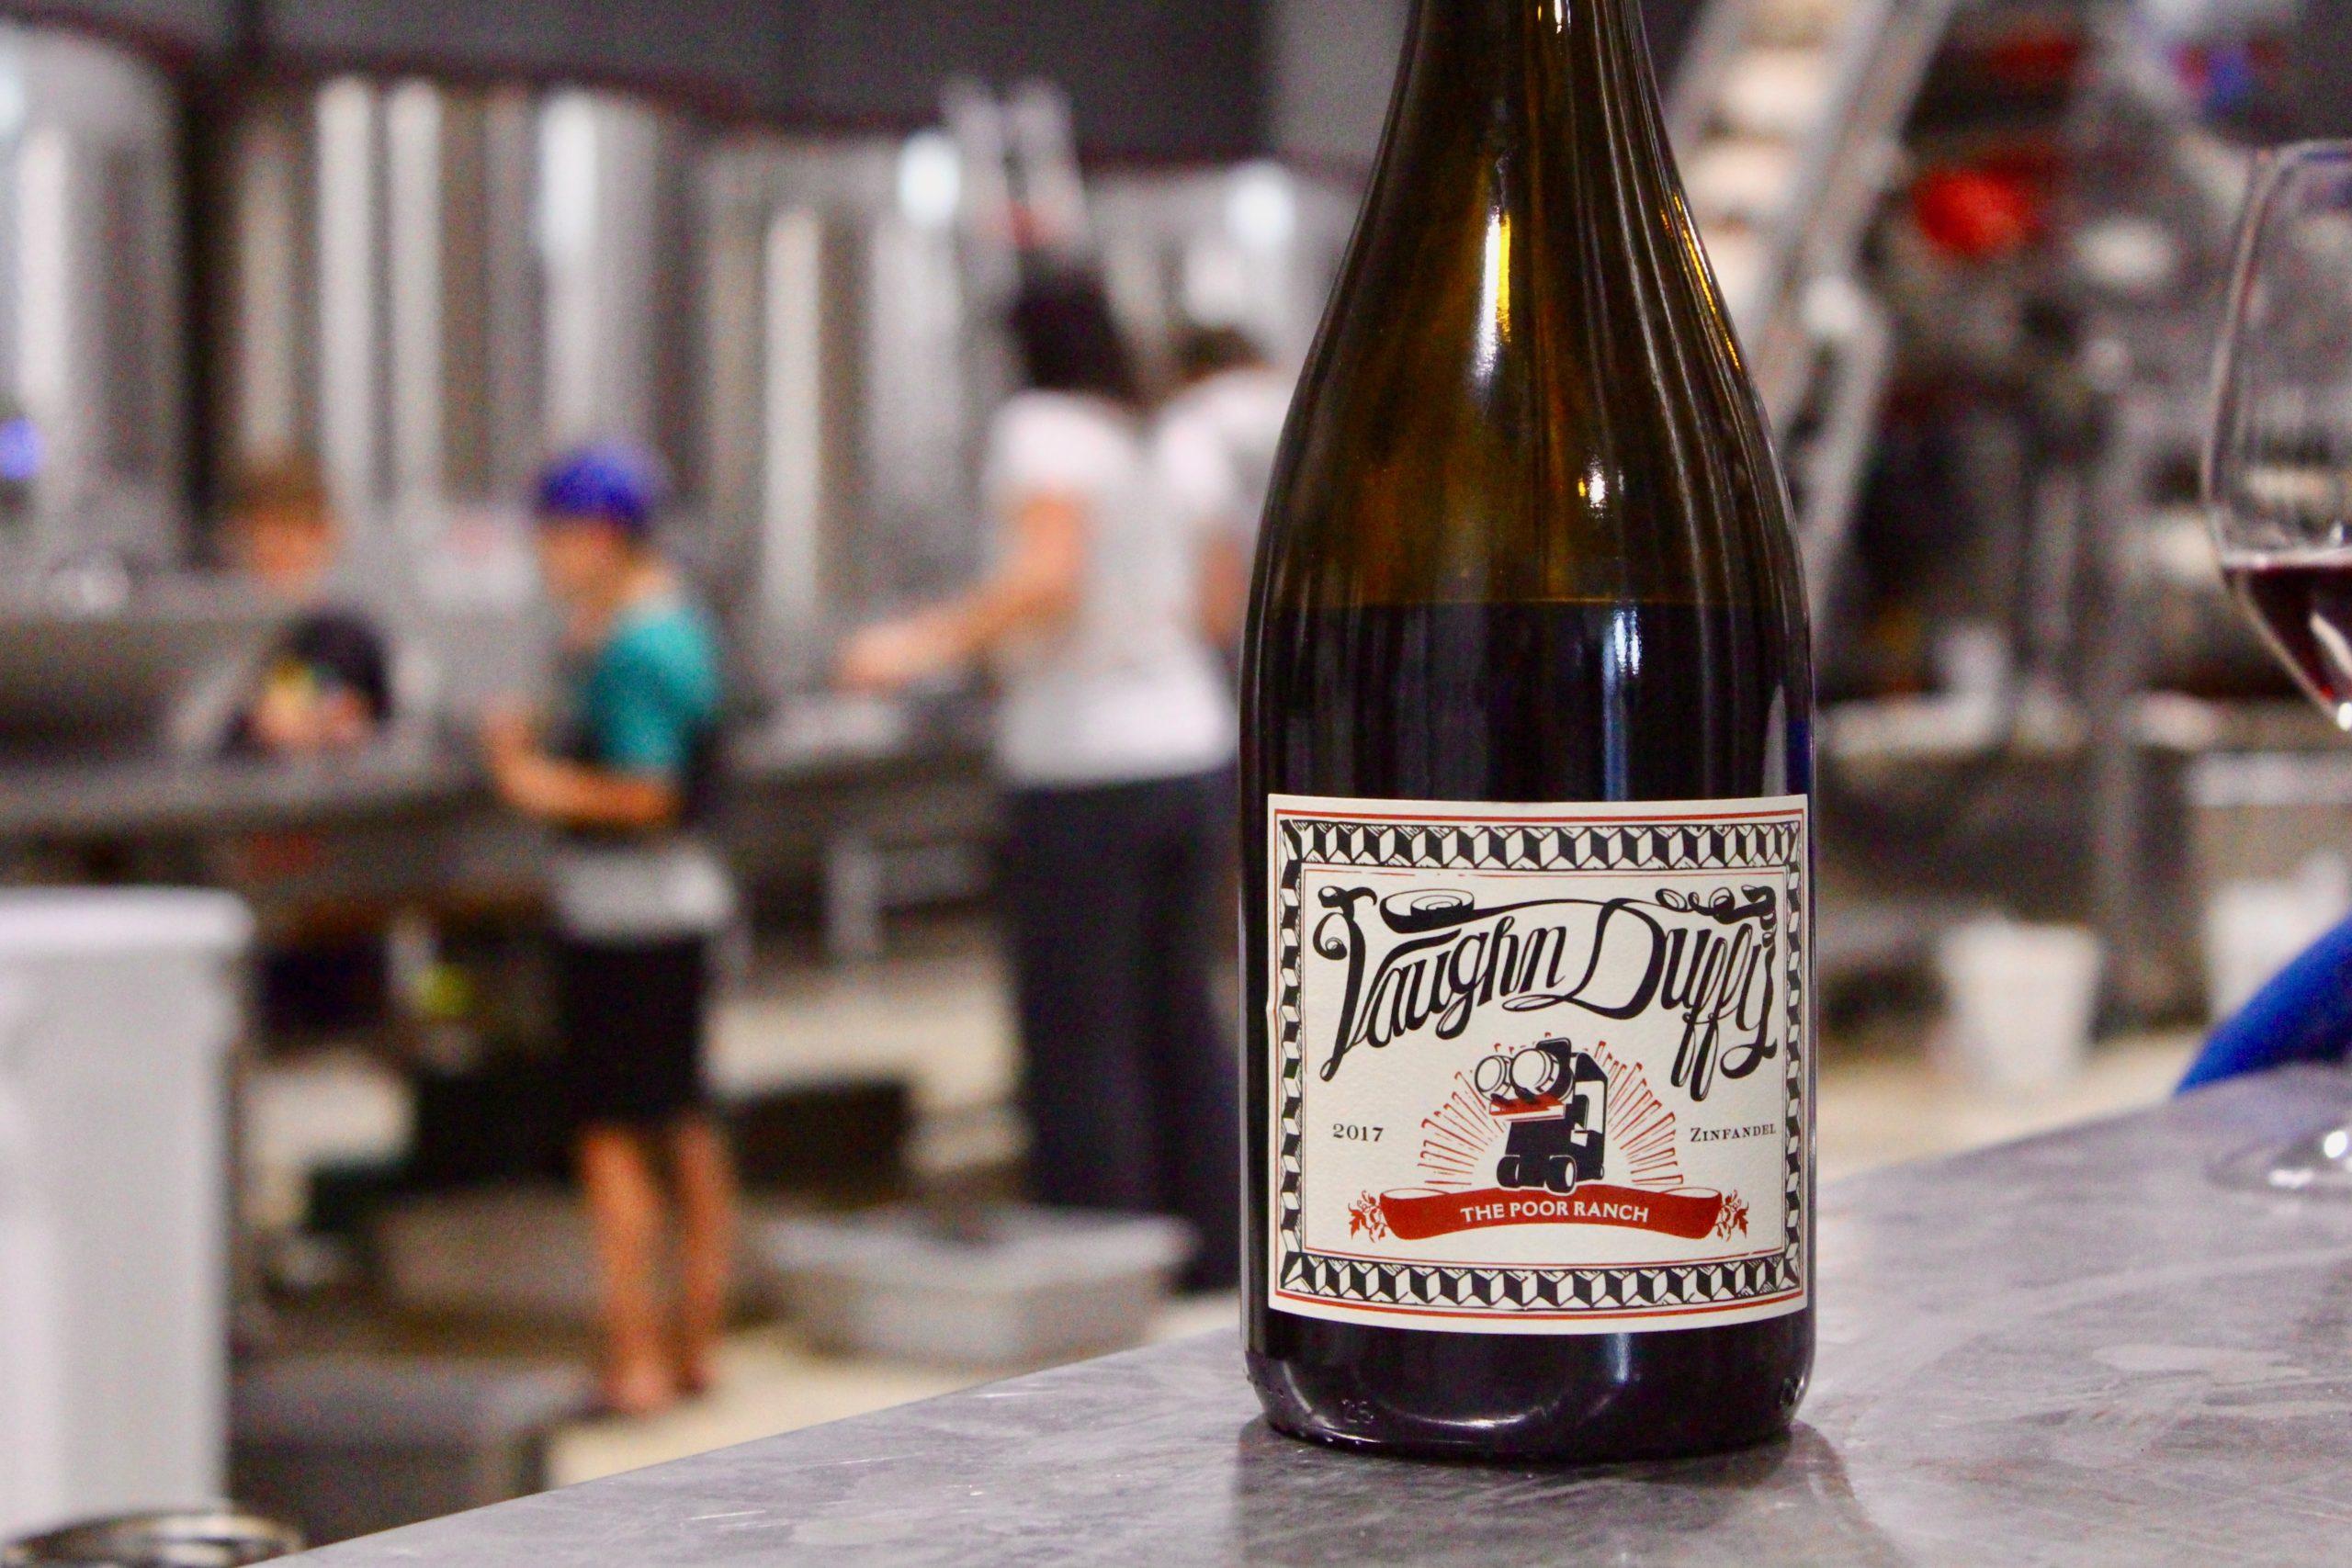 bottle in winery